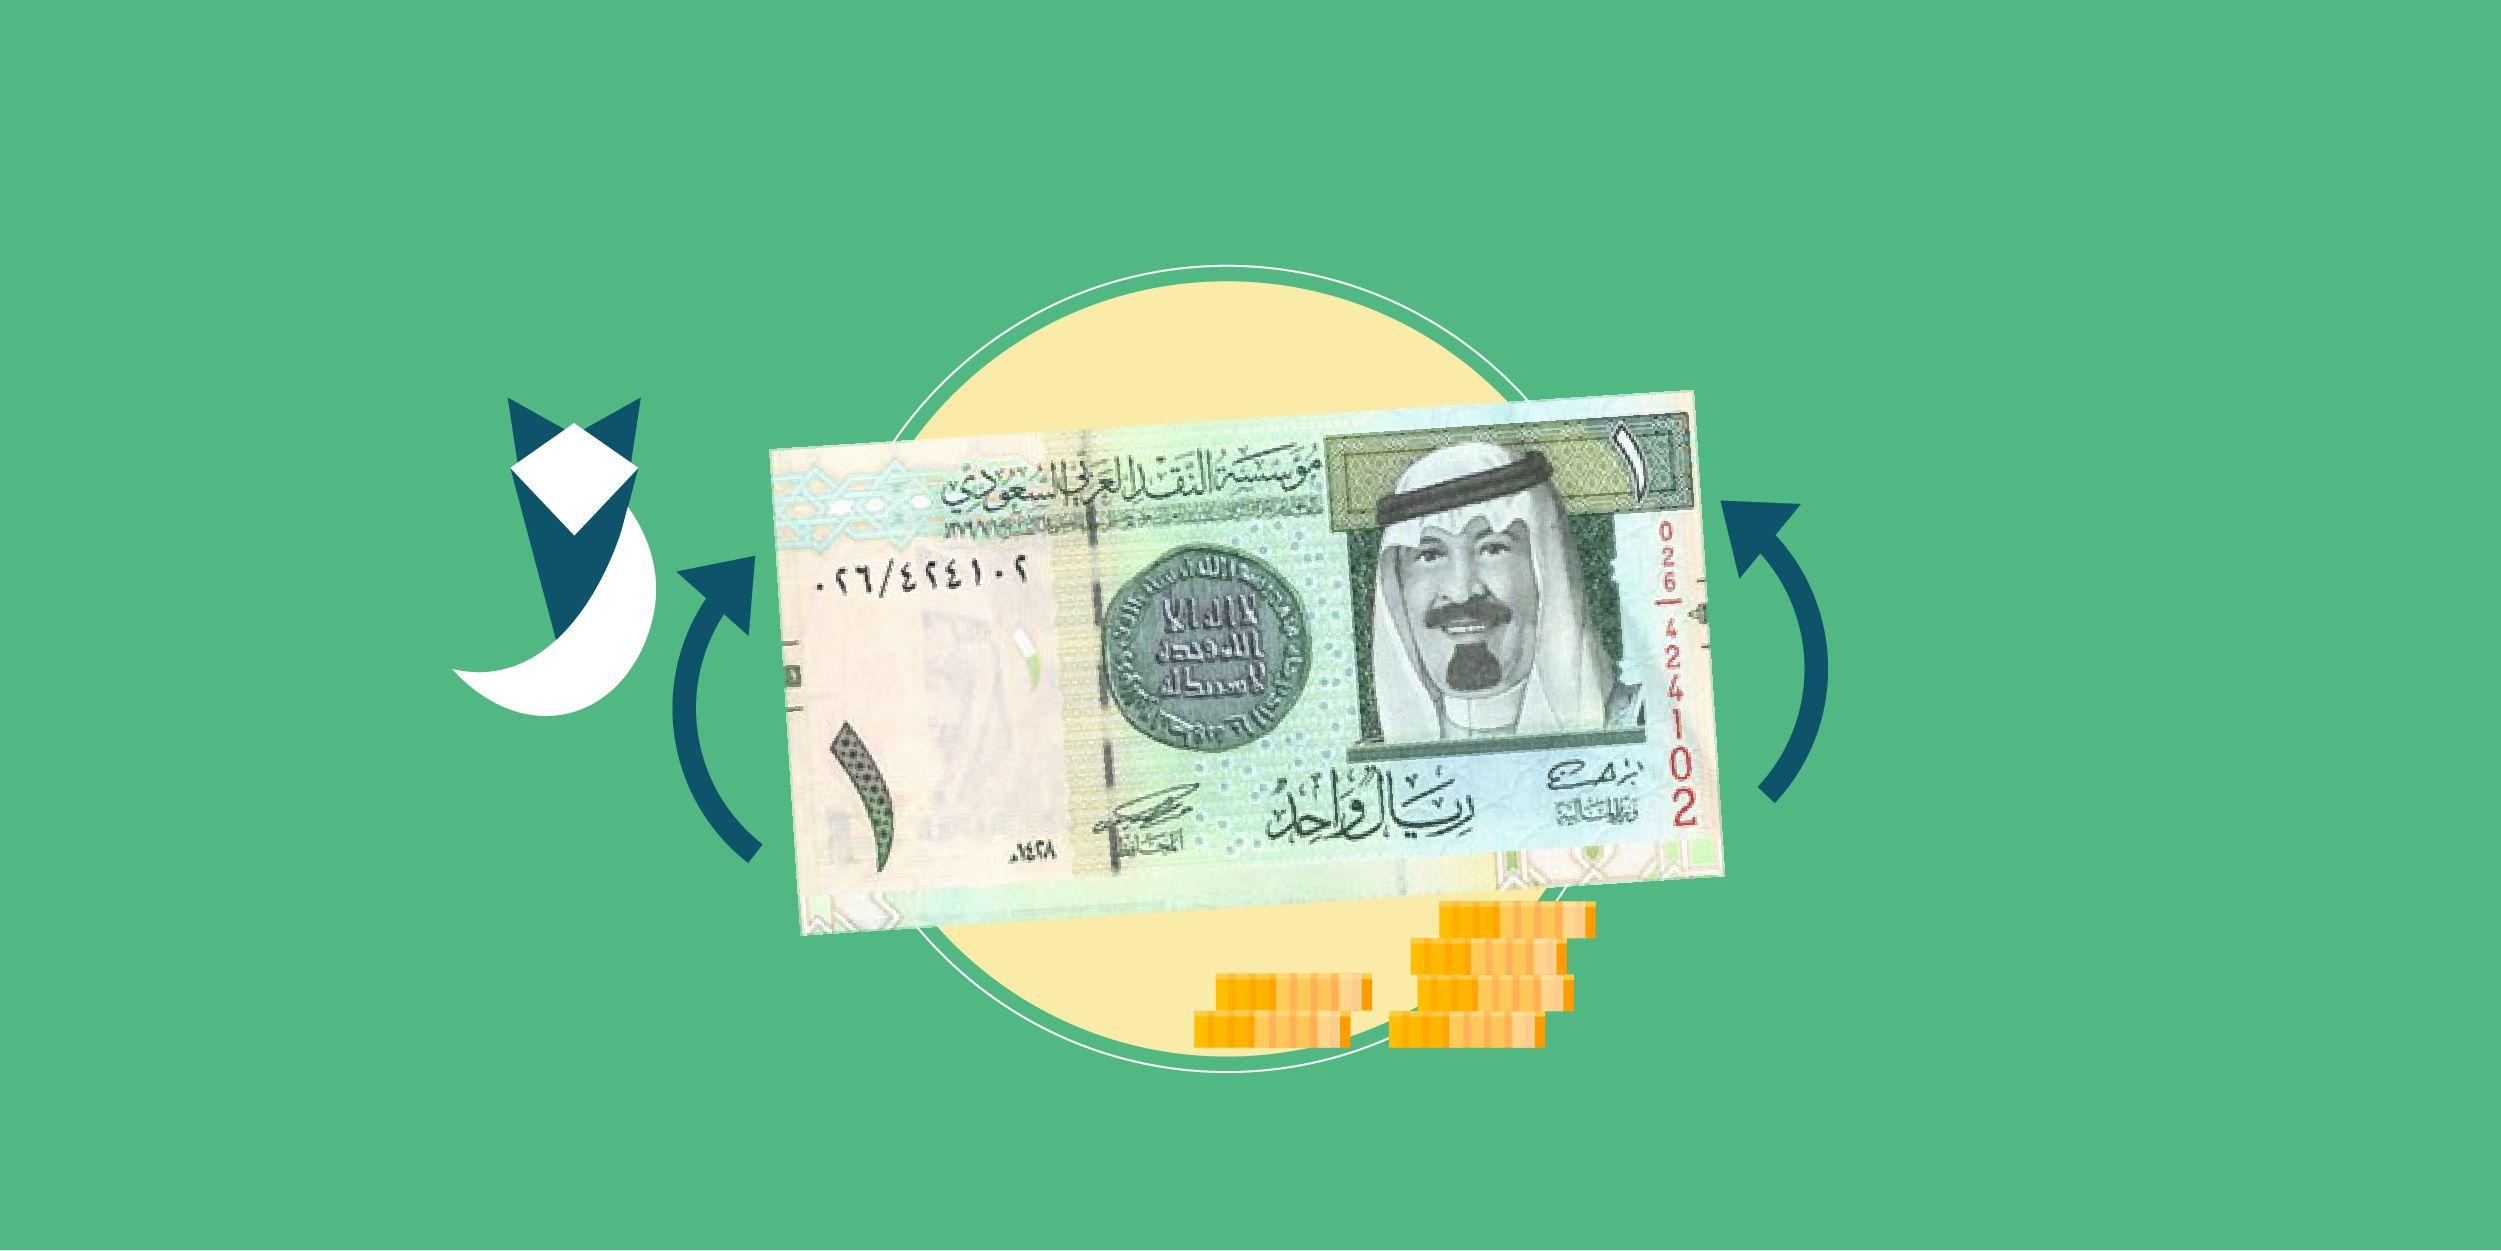 سعر الريال السعودي في البنوك اليوم: الخميس 26 أغسطس 2021